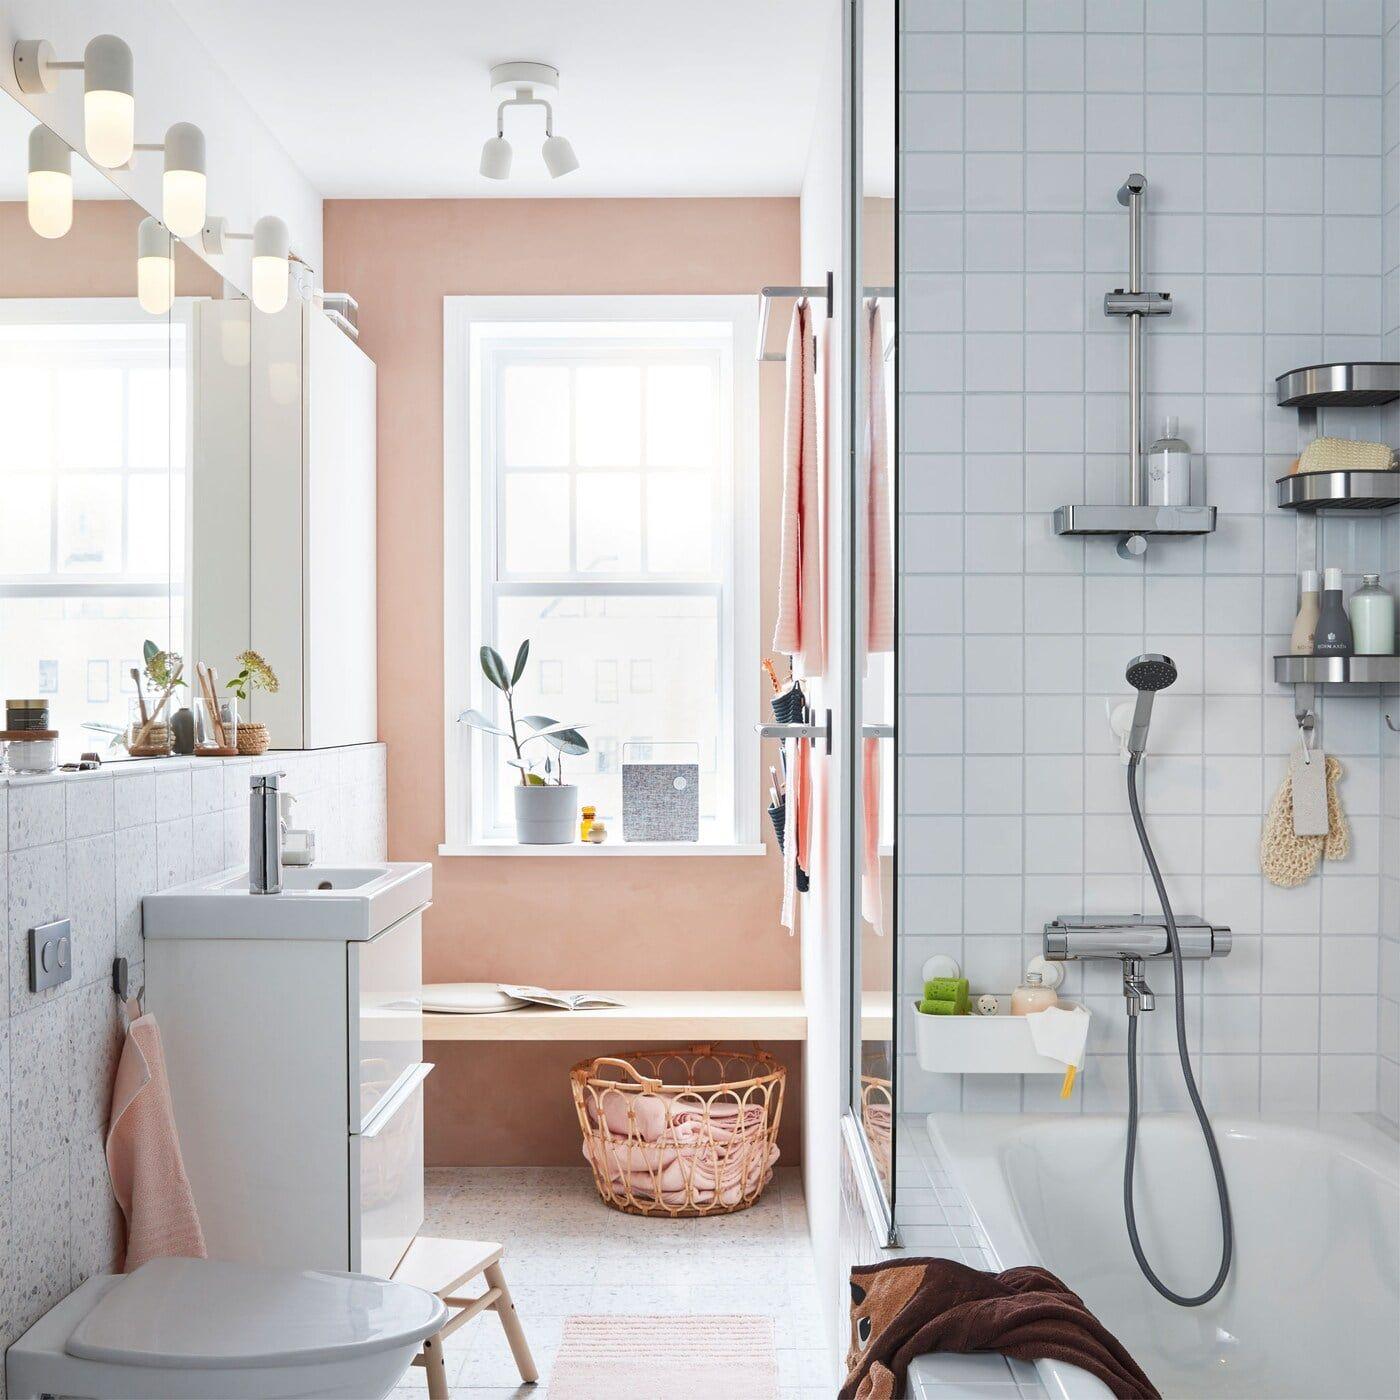 Badezimmer Fur Gemeinsame Zeit Einrichten Mit Bildern Bad